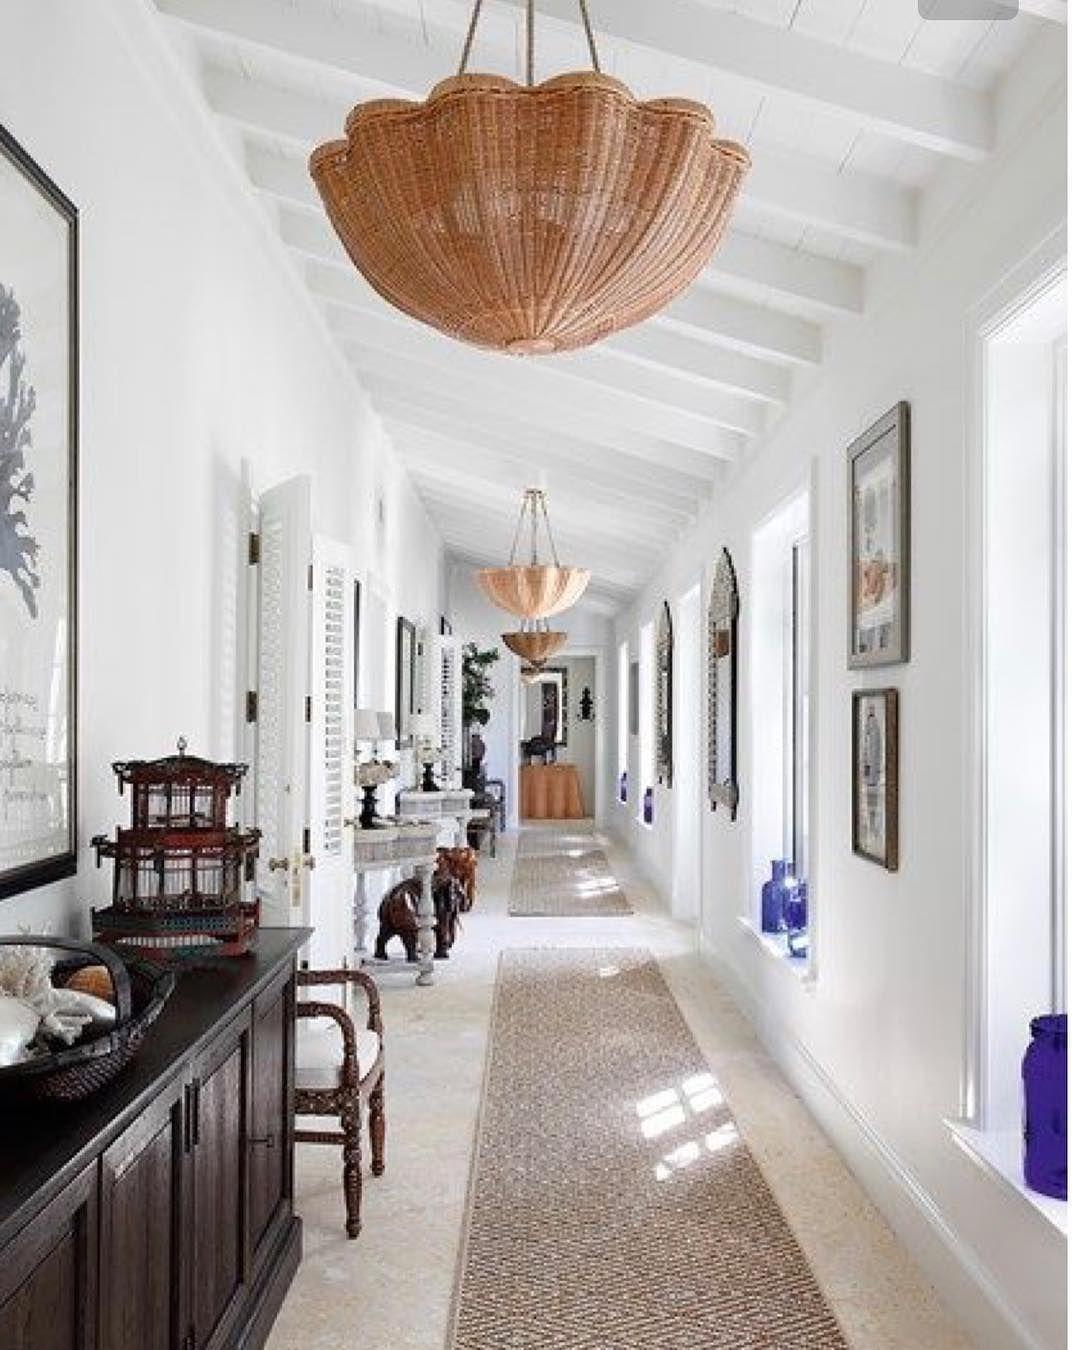 Beleuchtungsideen Wohnzimmer Eingangsbereich Haus Innen Treppe Mit